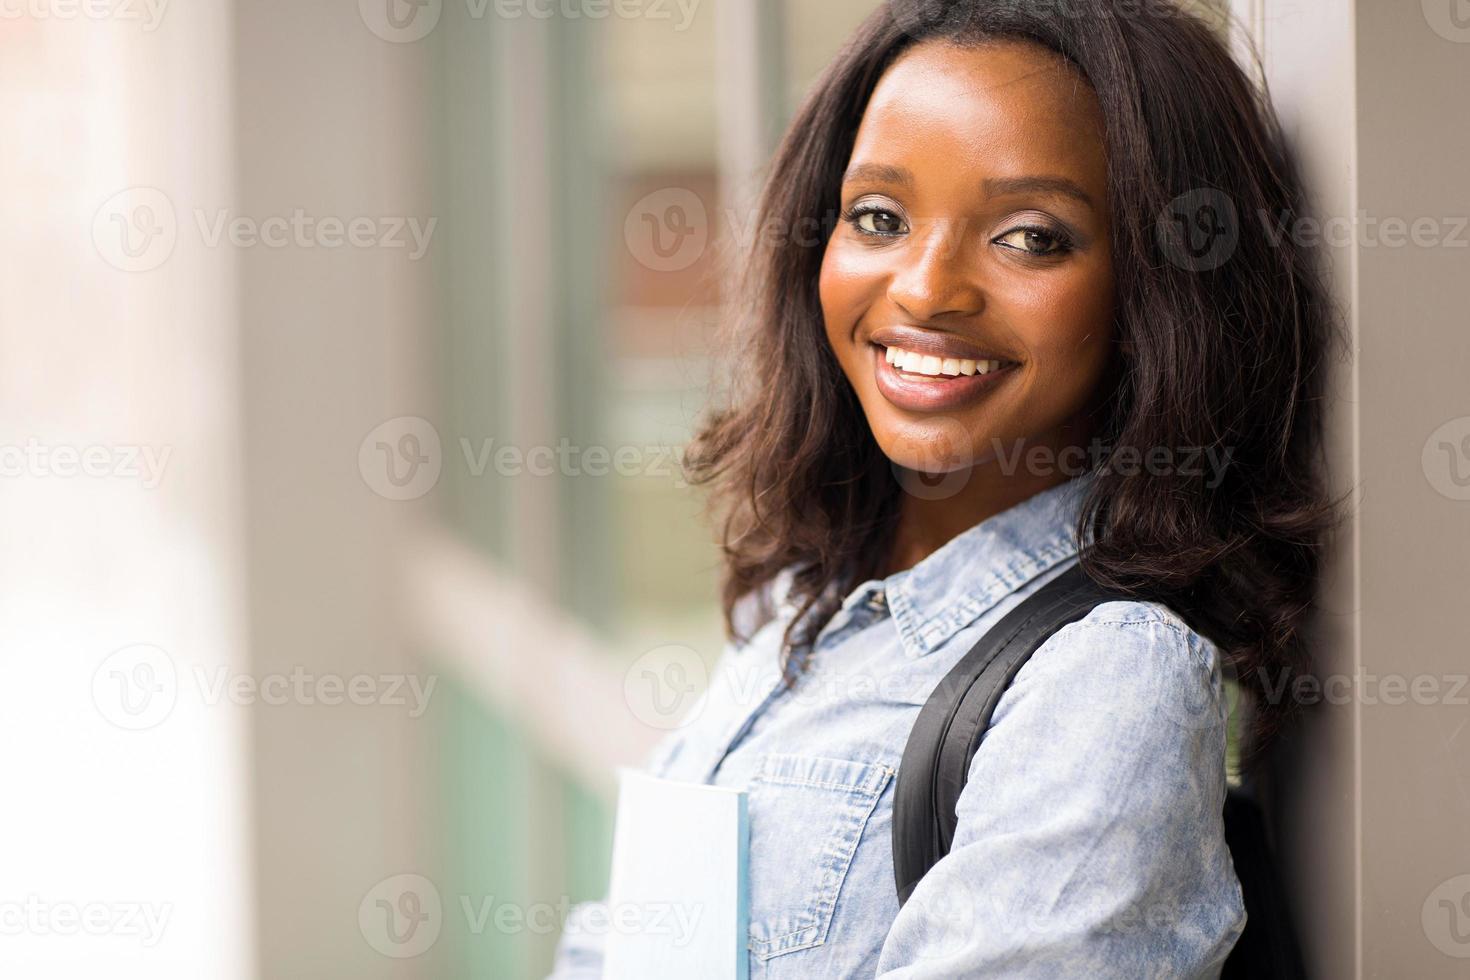 étudiant africain avec des livres photo